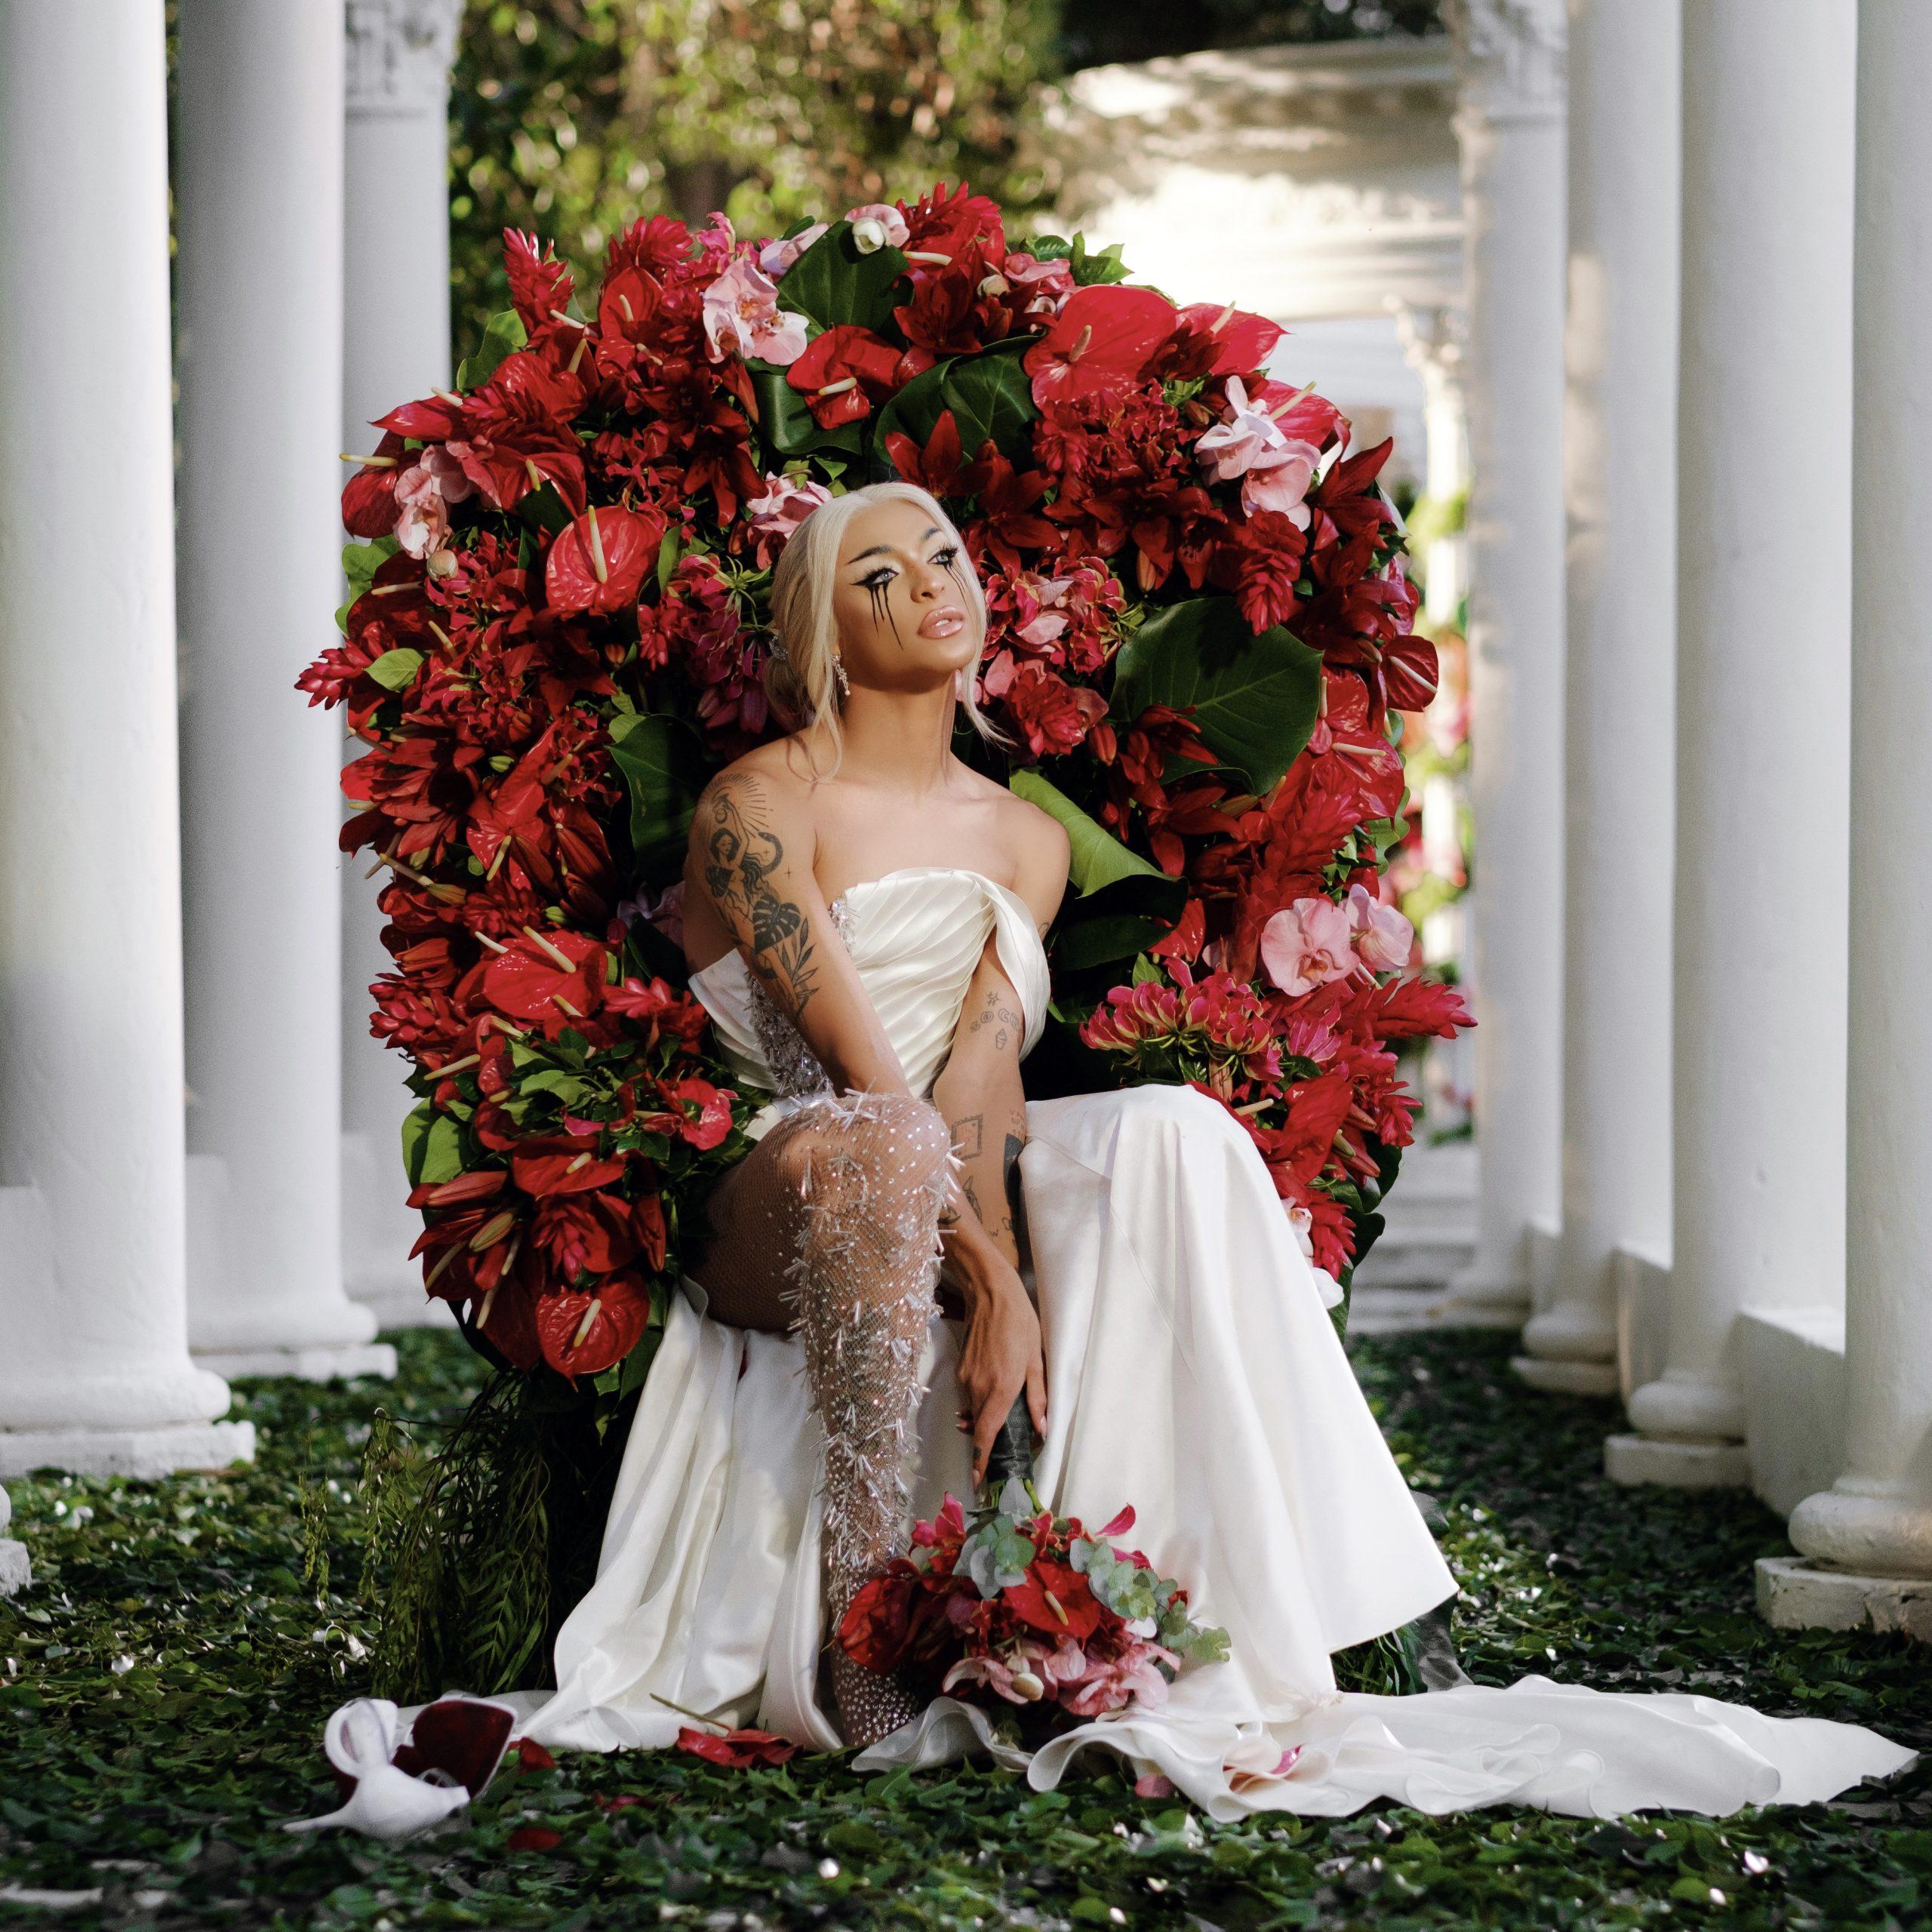 Pabllo Vittar aparece vestida de noiva